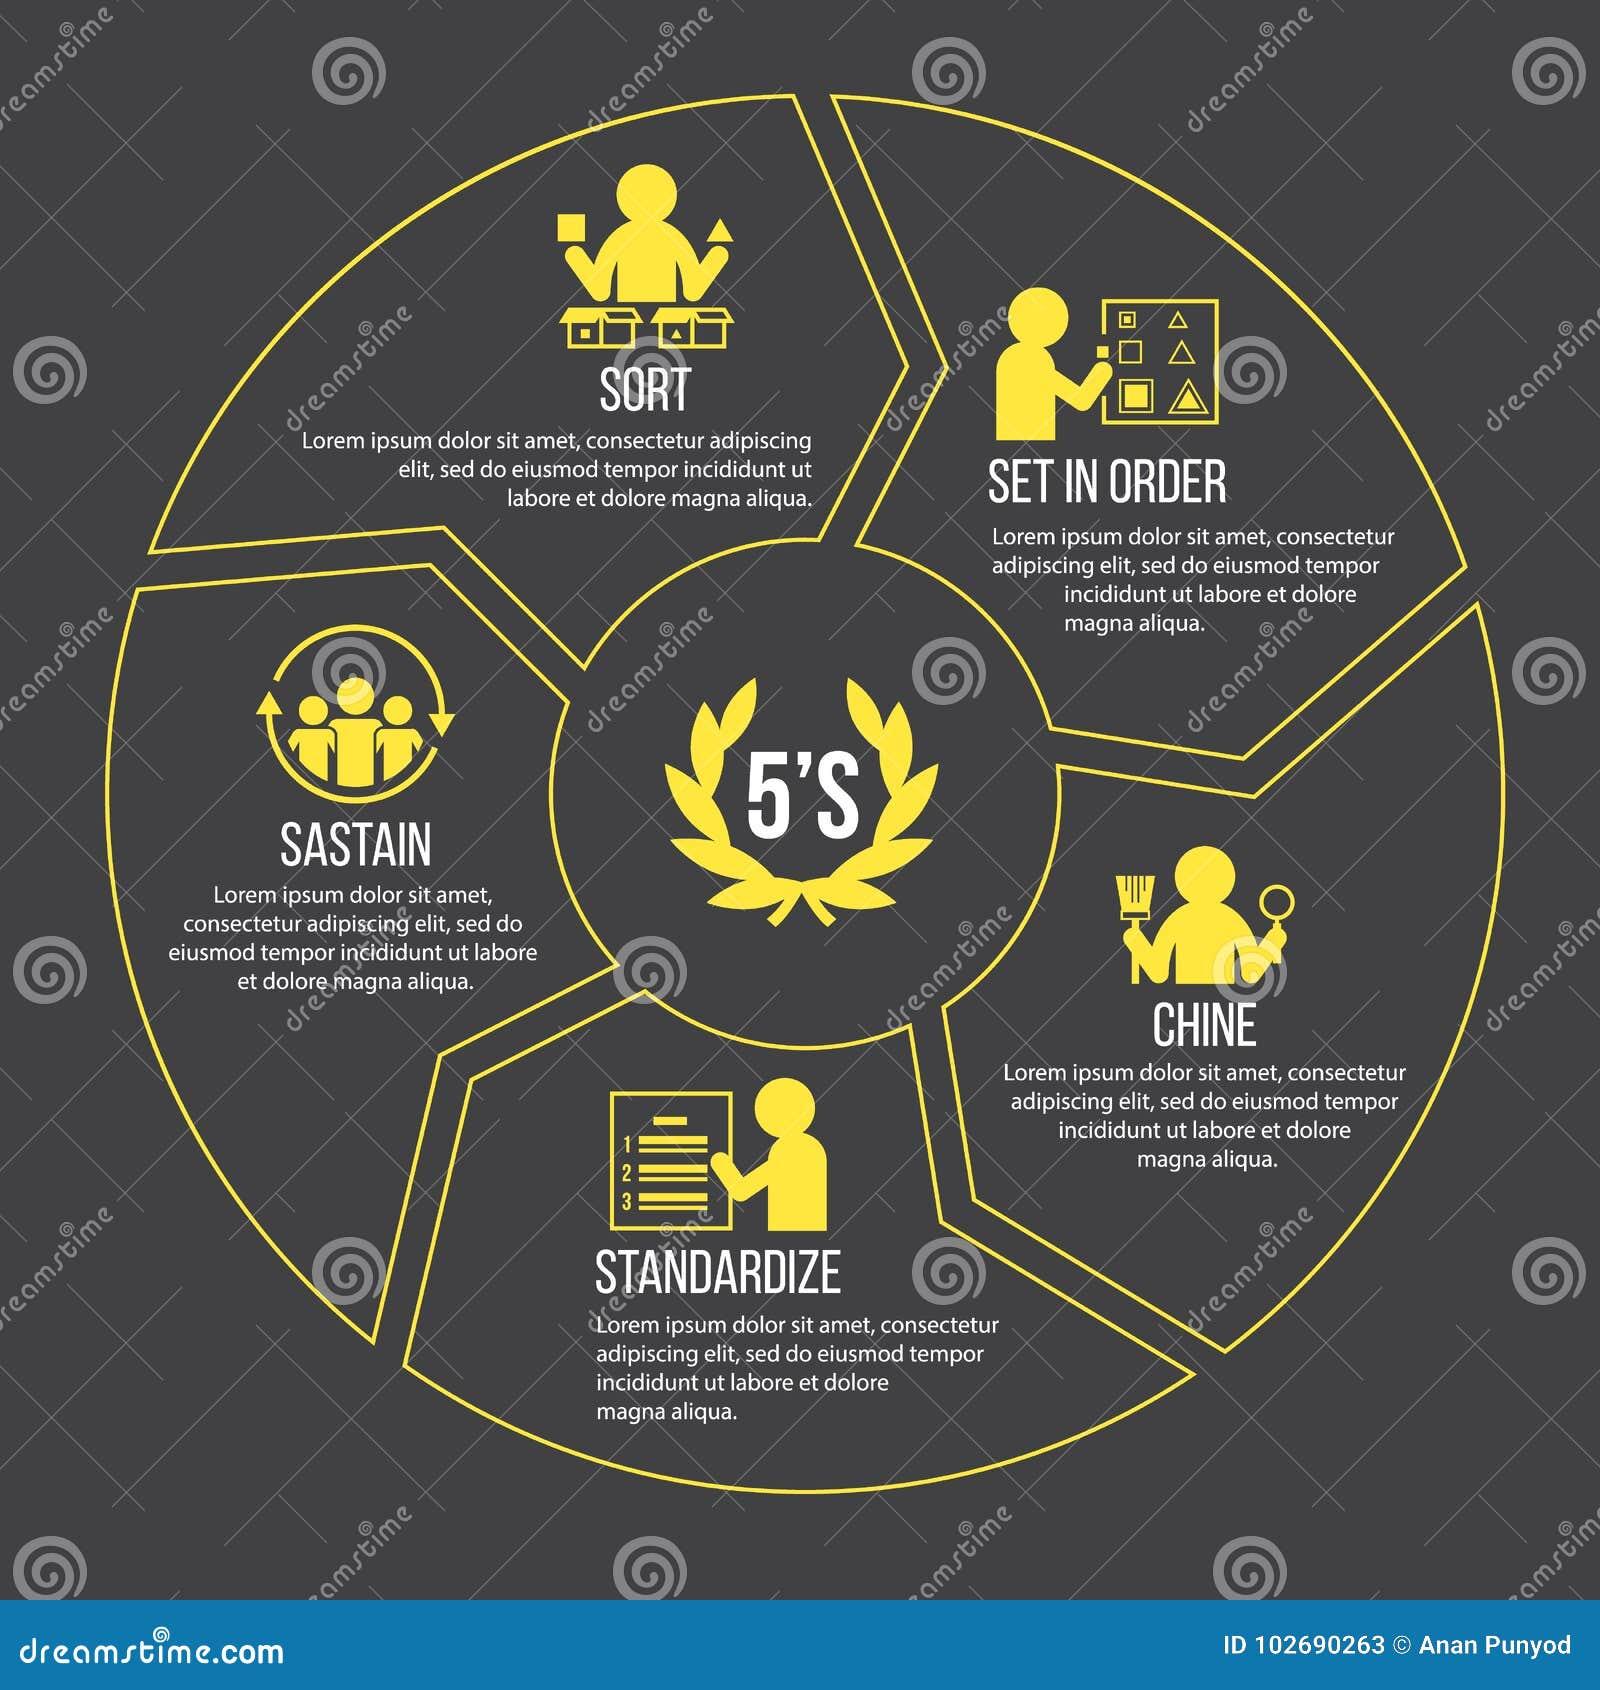 5S Methodology Management. Sort. Set In Order. Shine